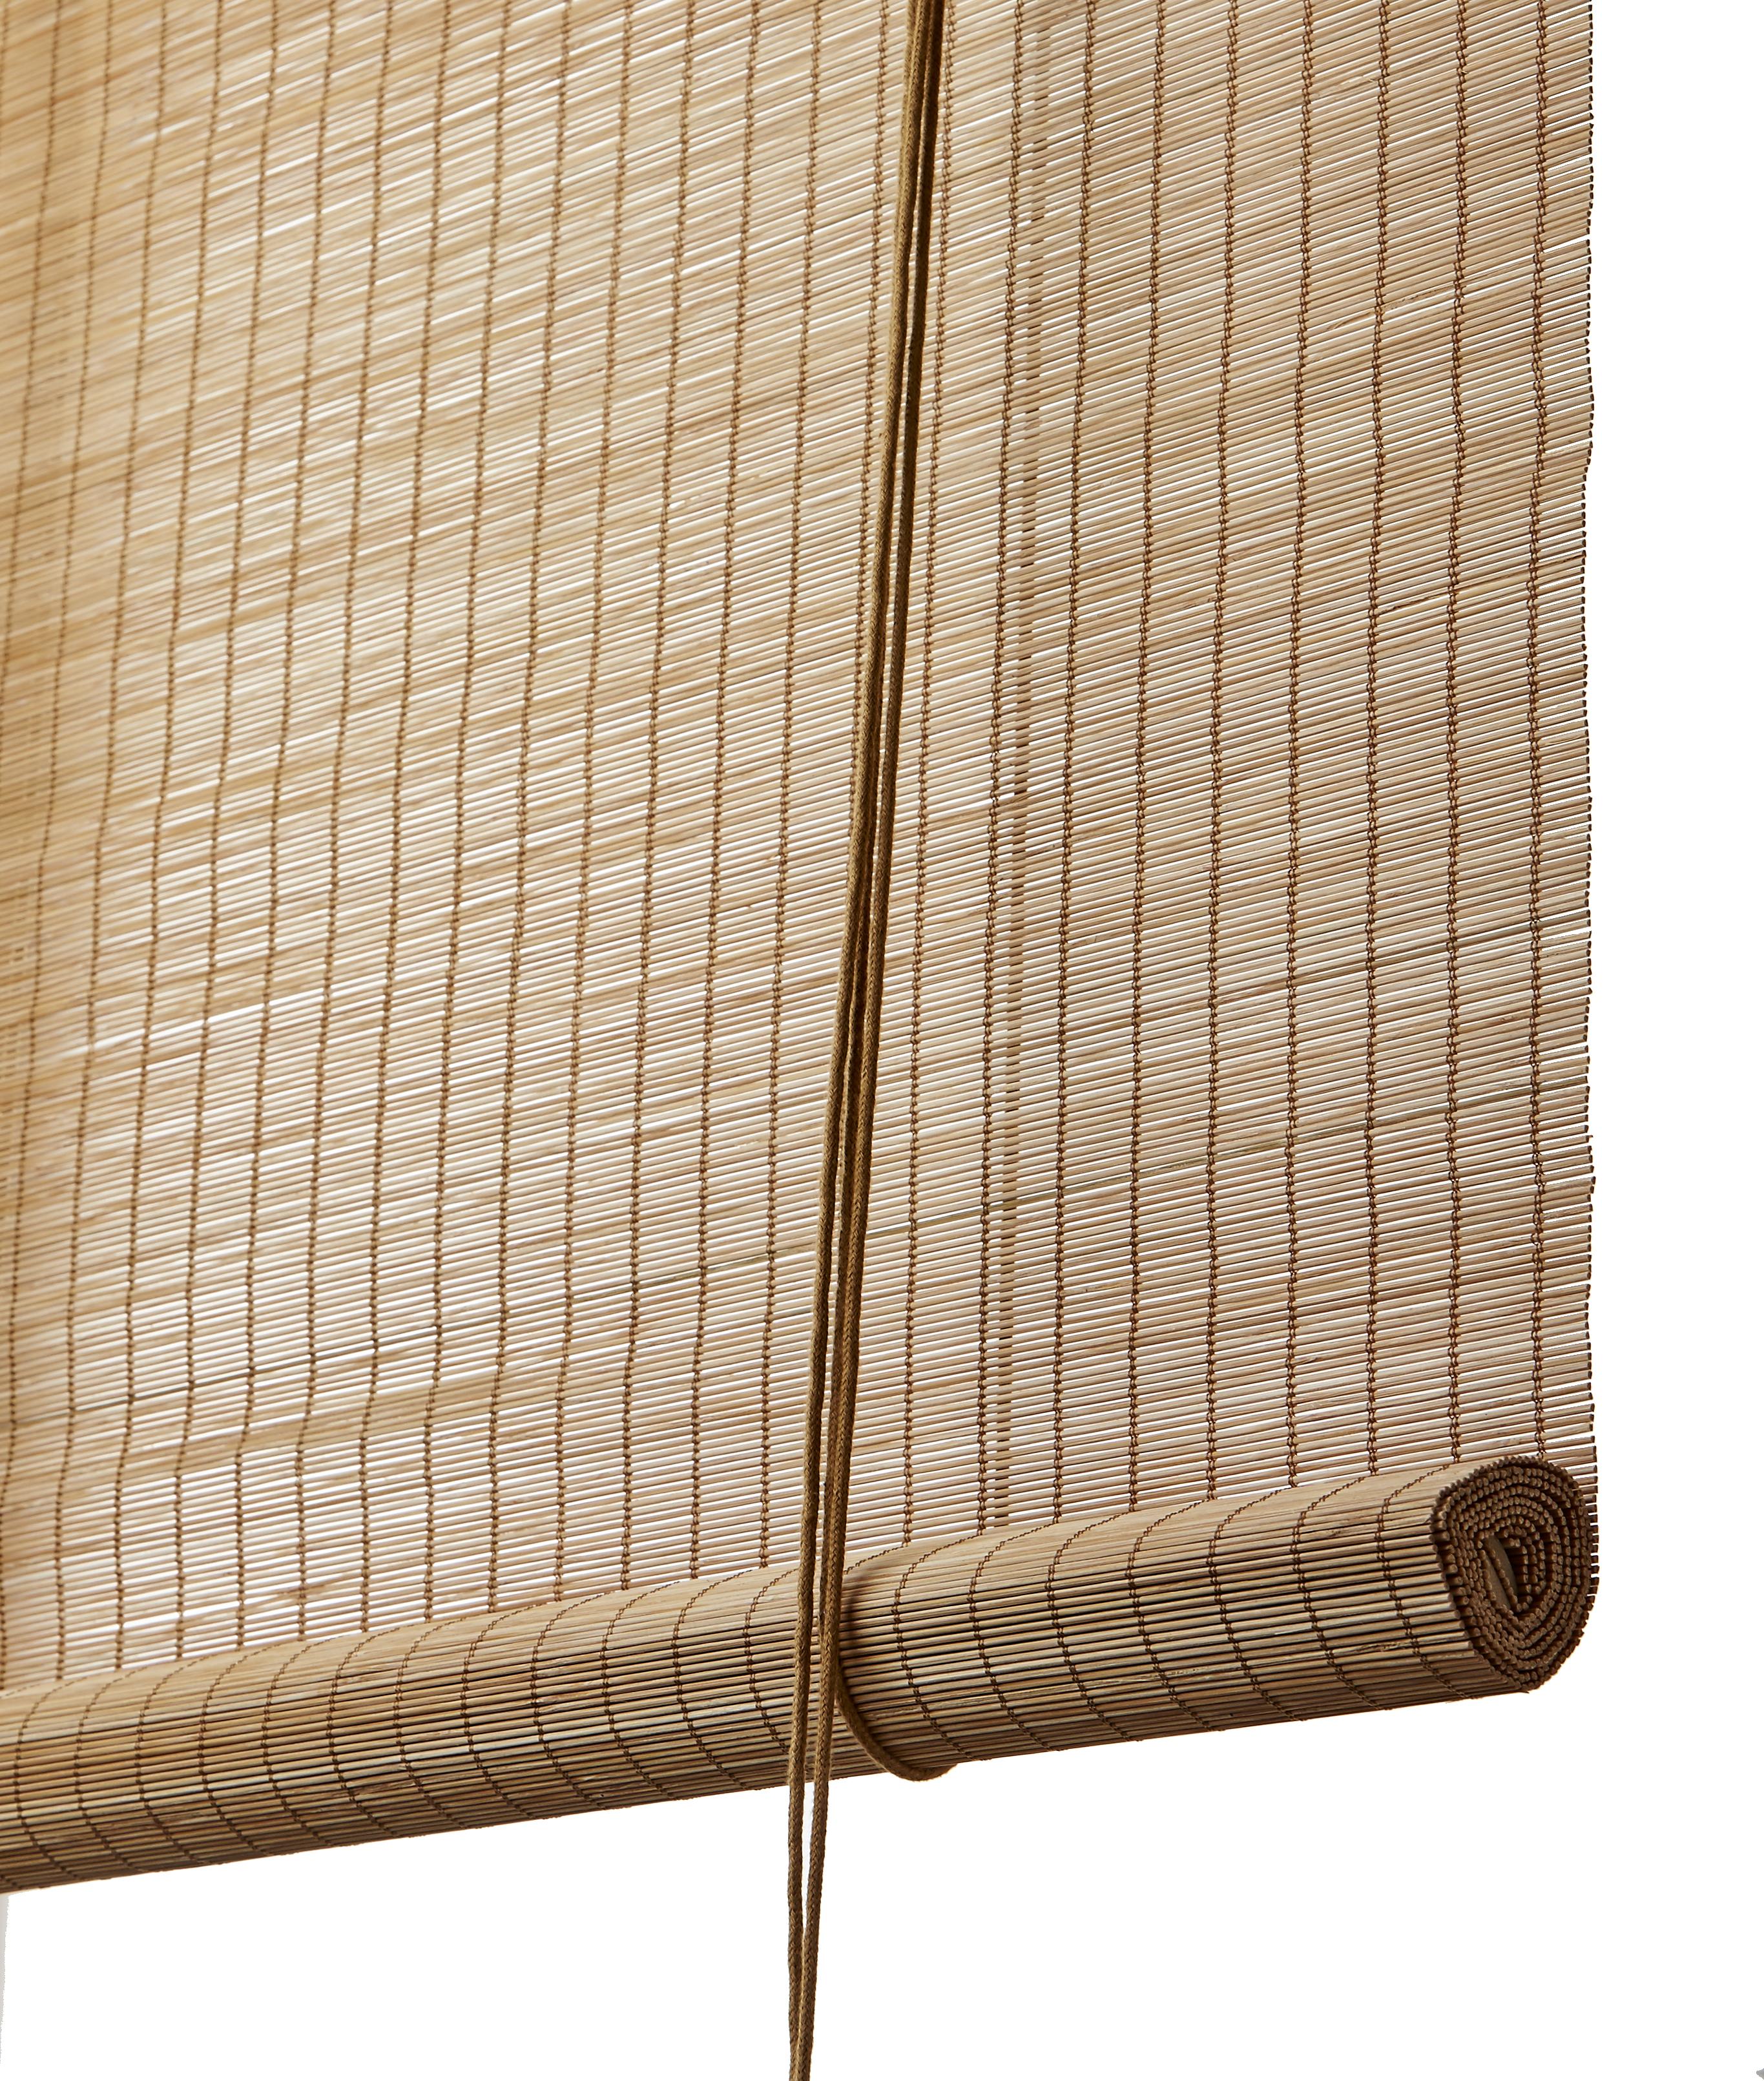 bambus gardiner tilbud